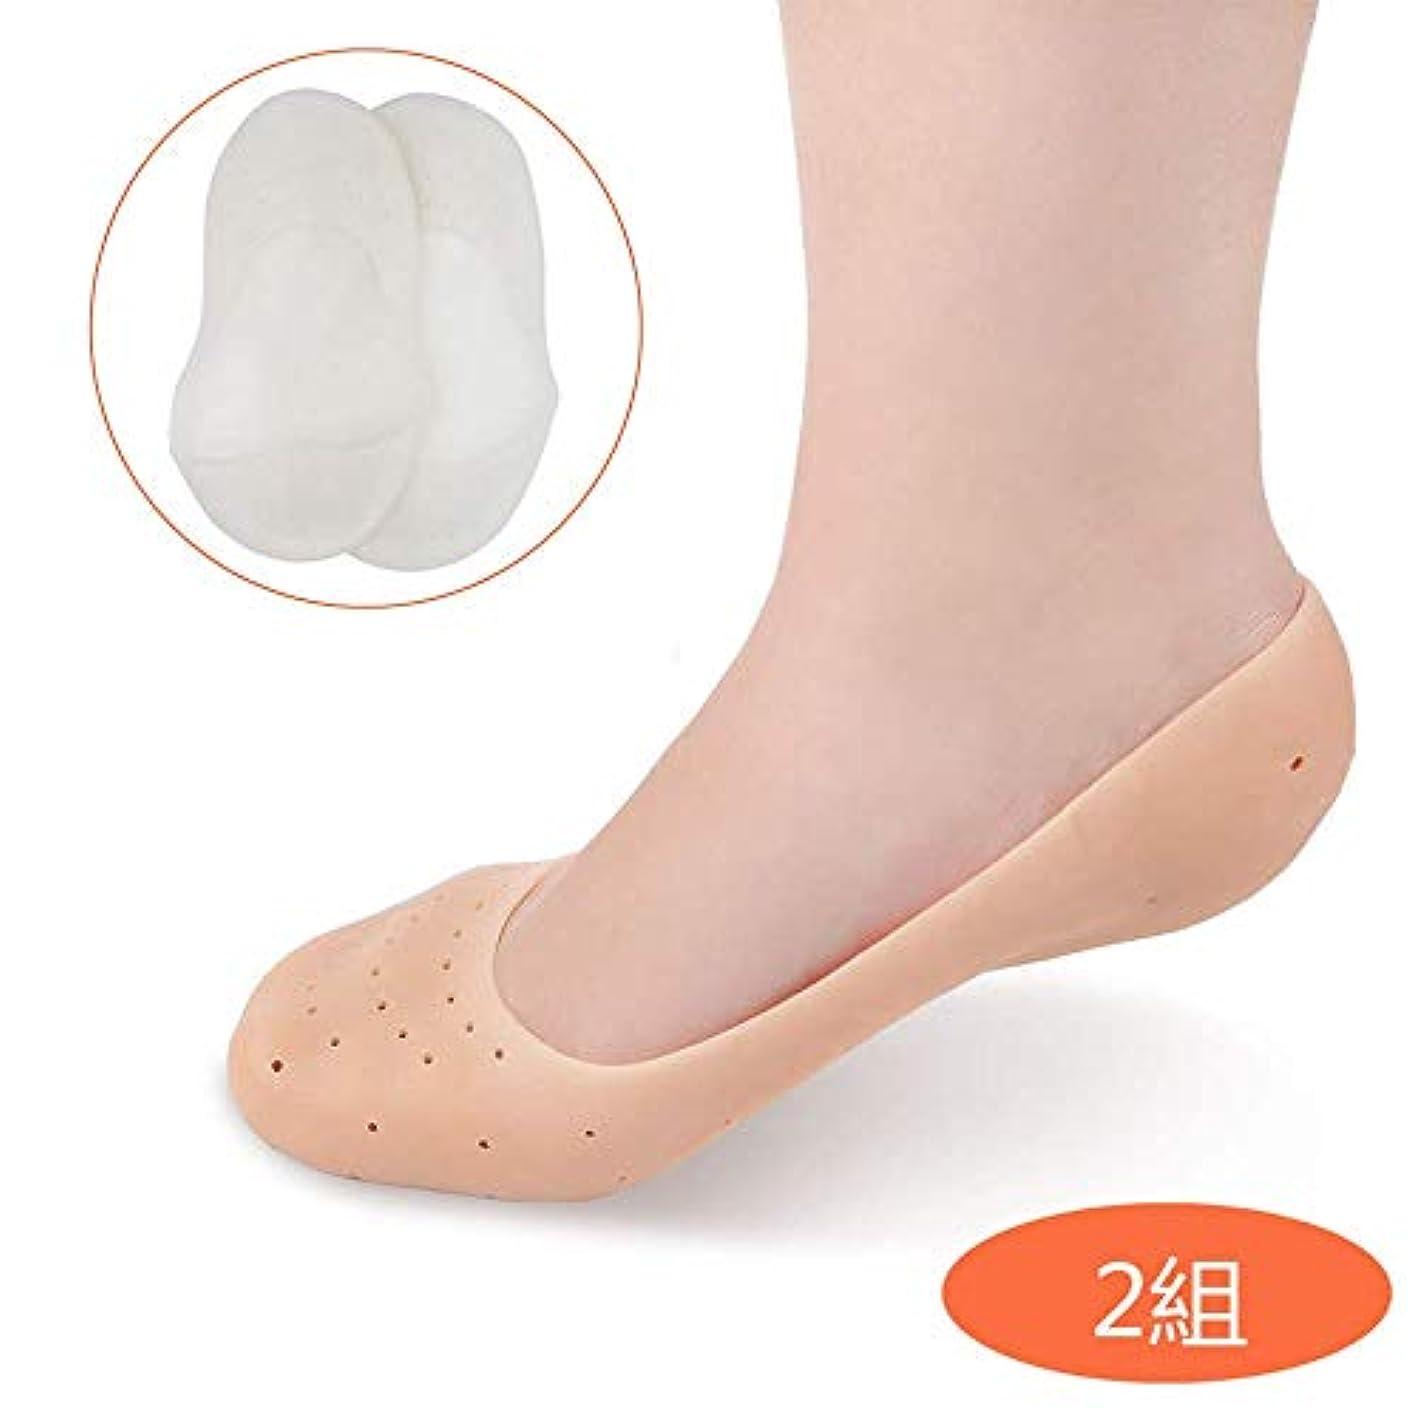 性交回復気球シリコンソックス 靴下 かかとケア ヒールクラック防止 足ケア 保湿 角質ケア 皮膚保護 痛みの緩和 快適 通気性 男女兼用 (2組)